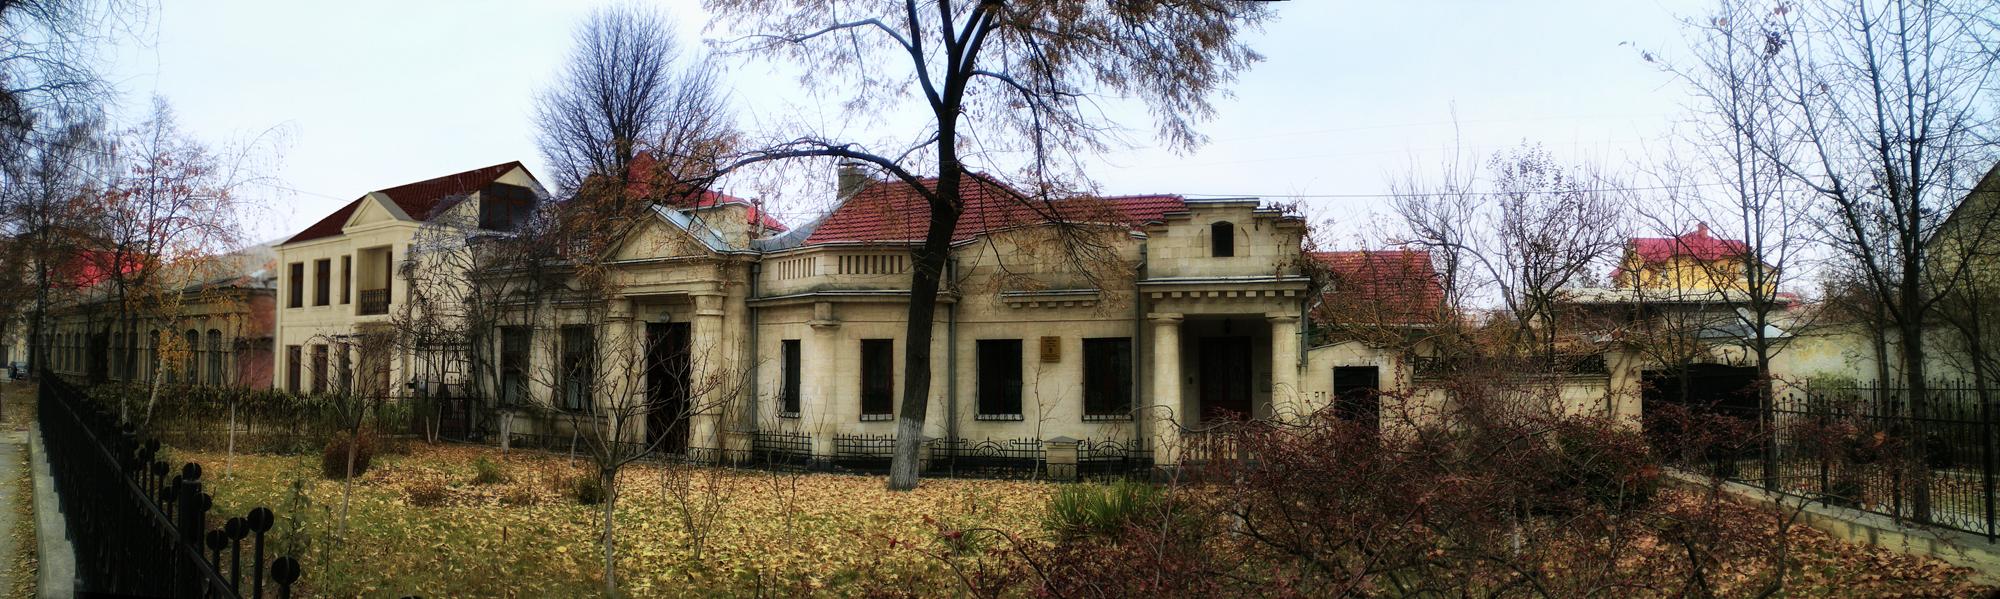 Дом на рубеже кондоминиум отель